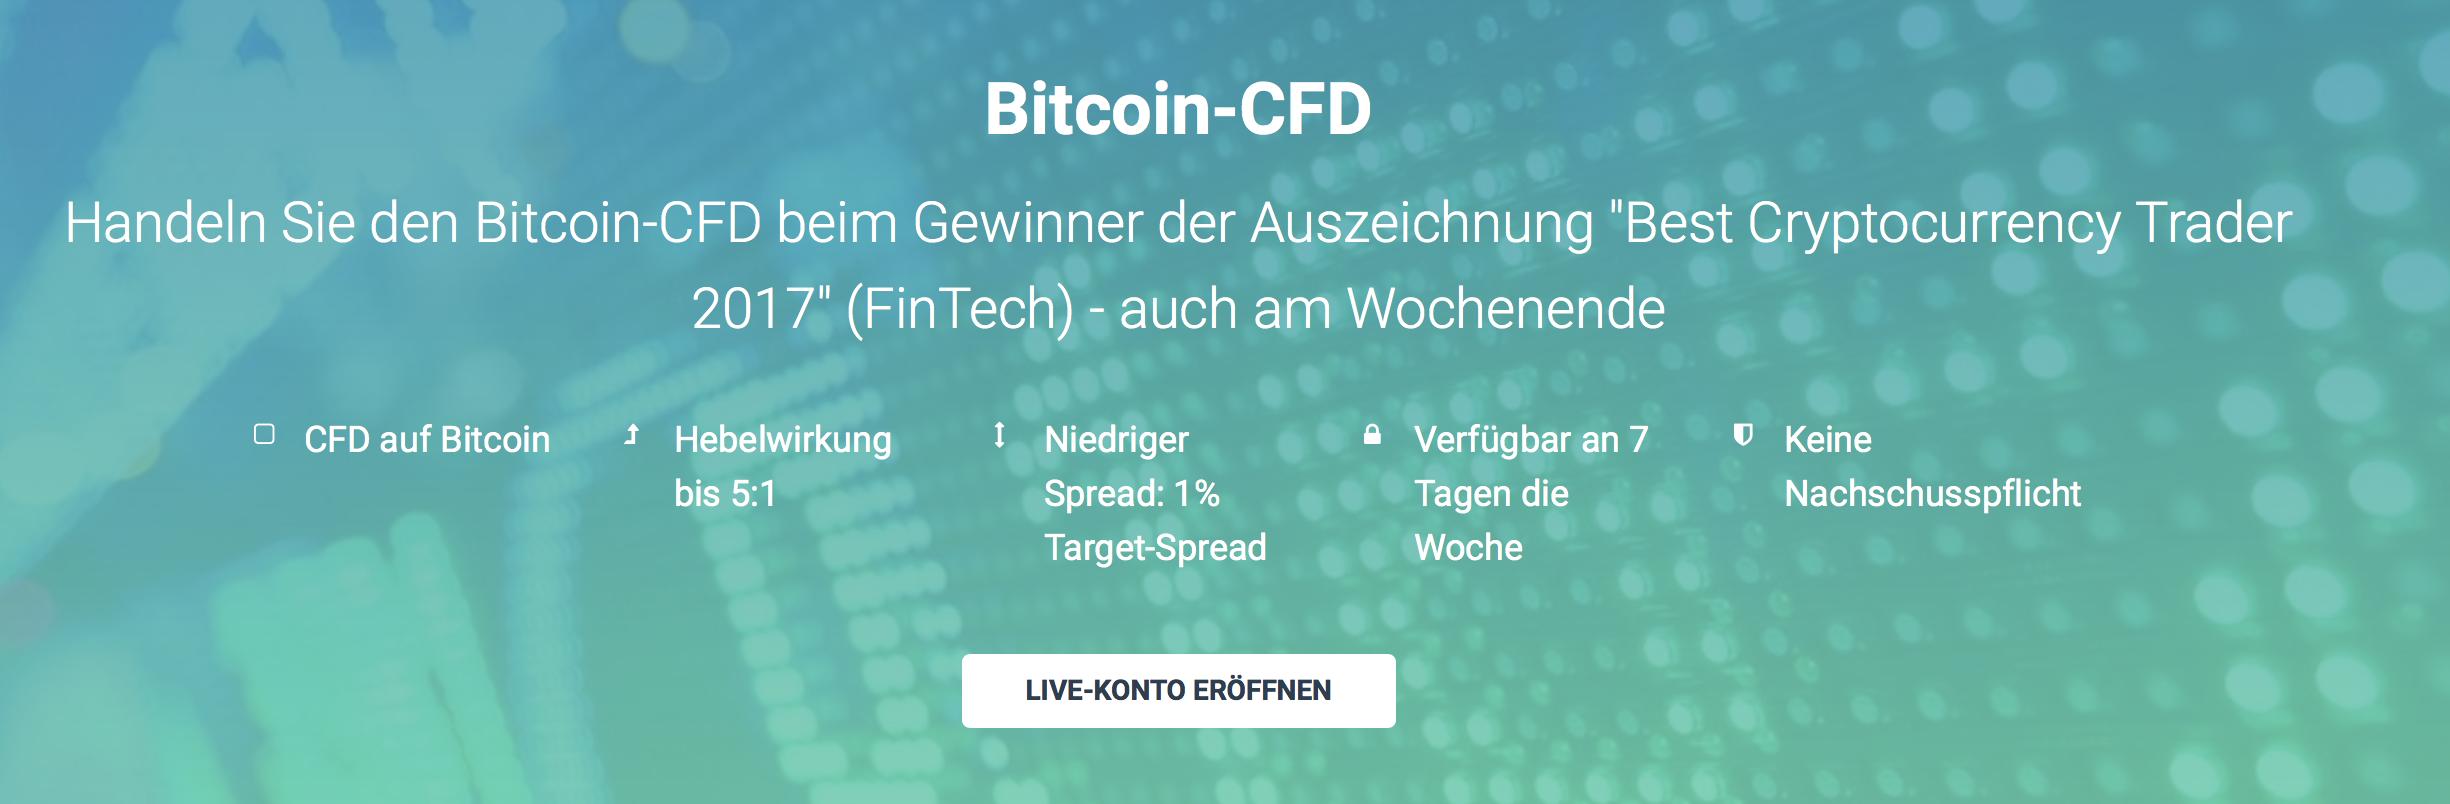 Der Handel mit CFDs auf Bitcoin ist bei XTB auch am Wochenende möglich